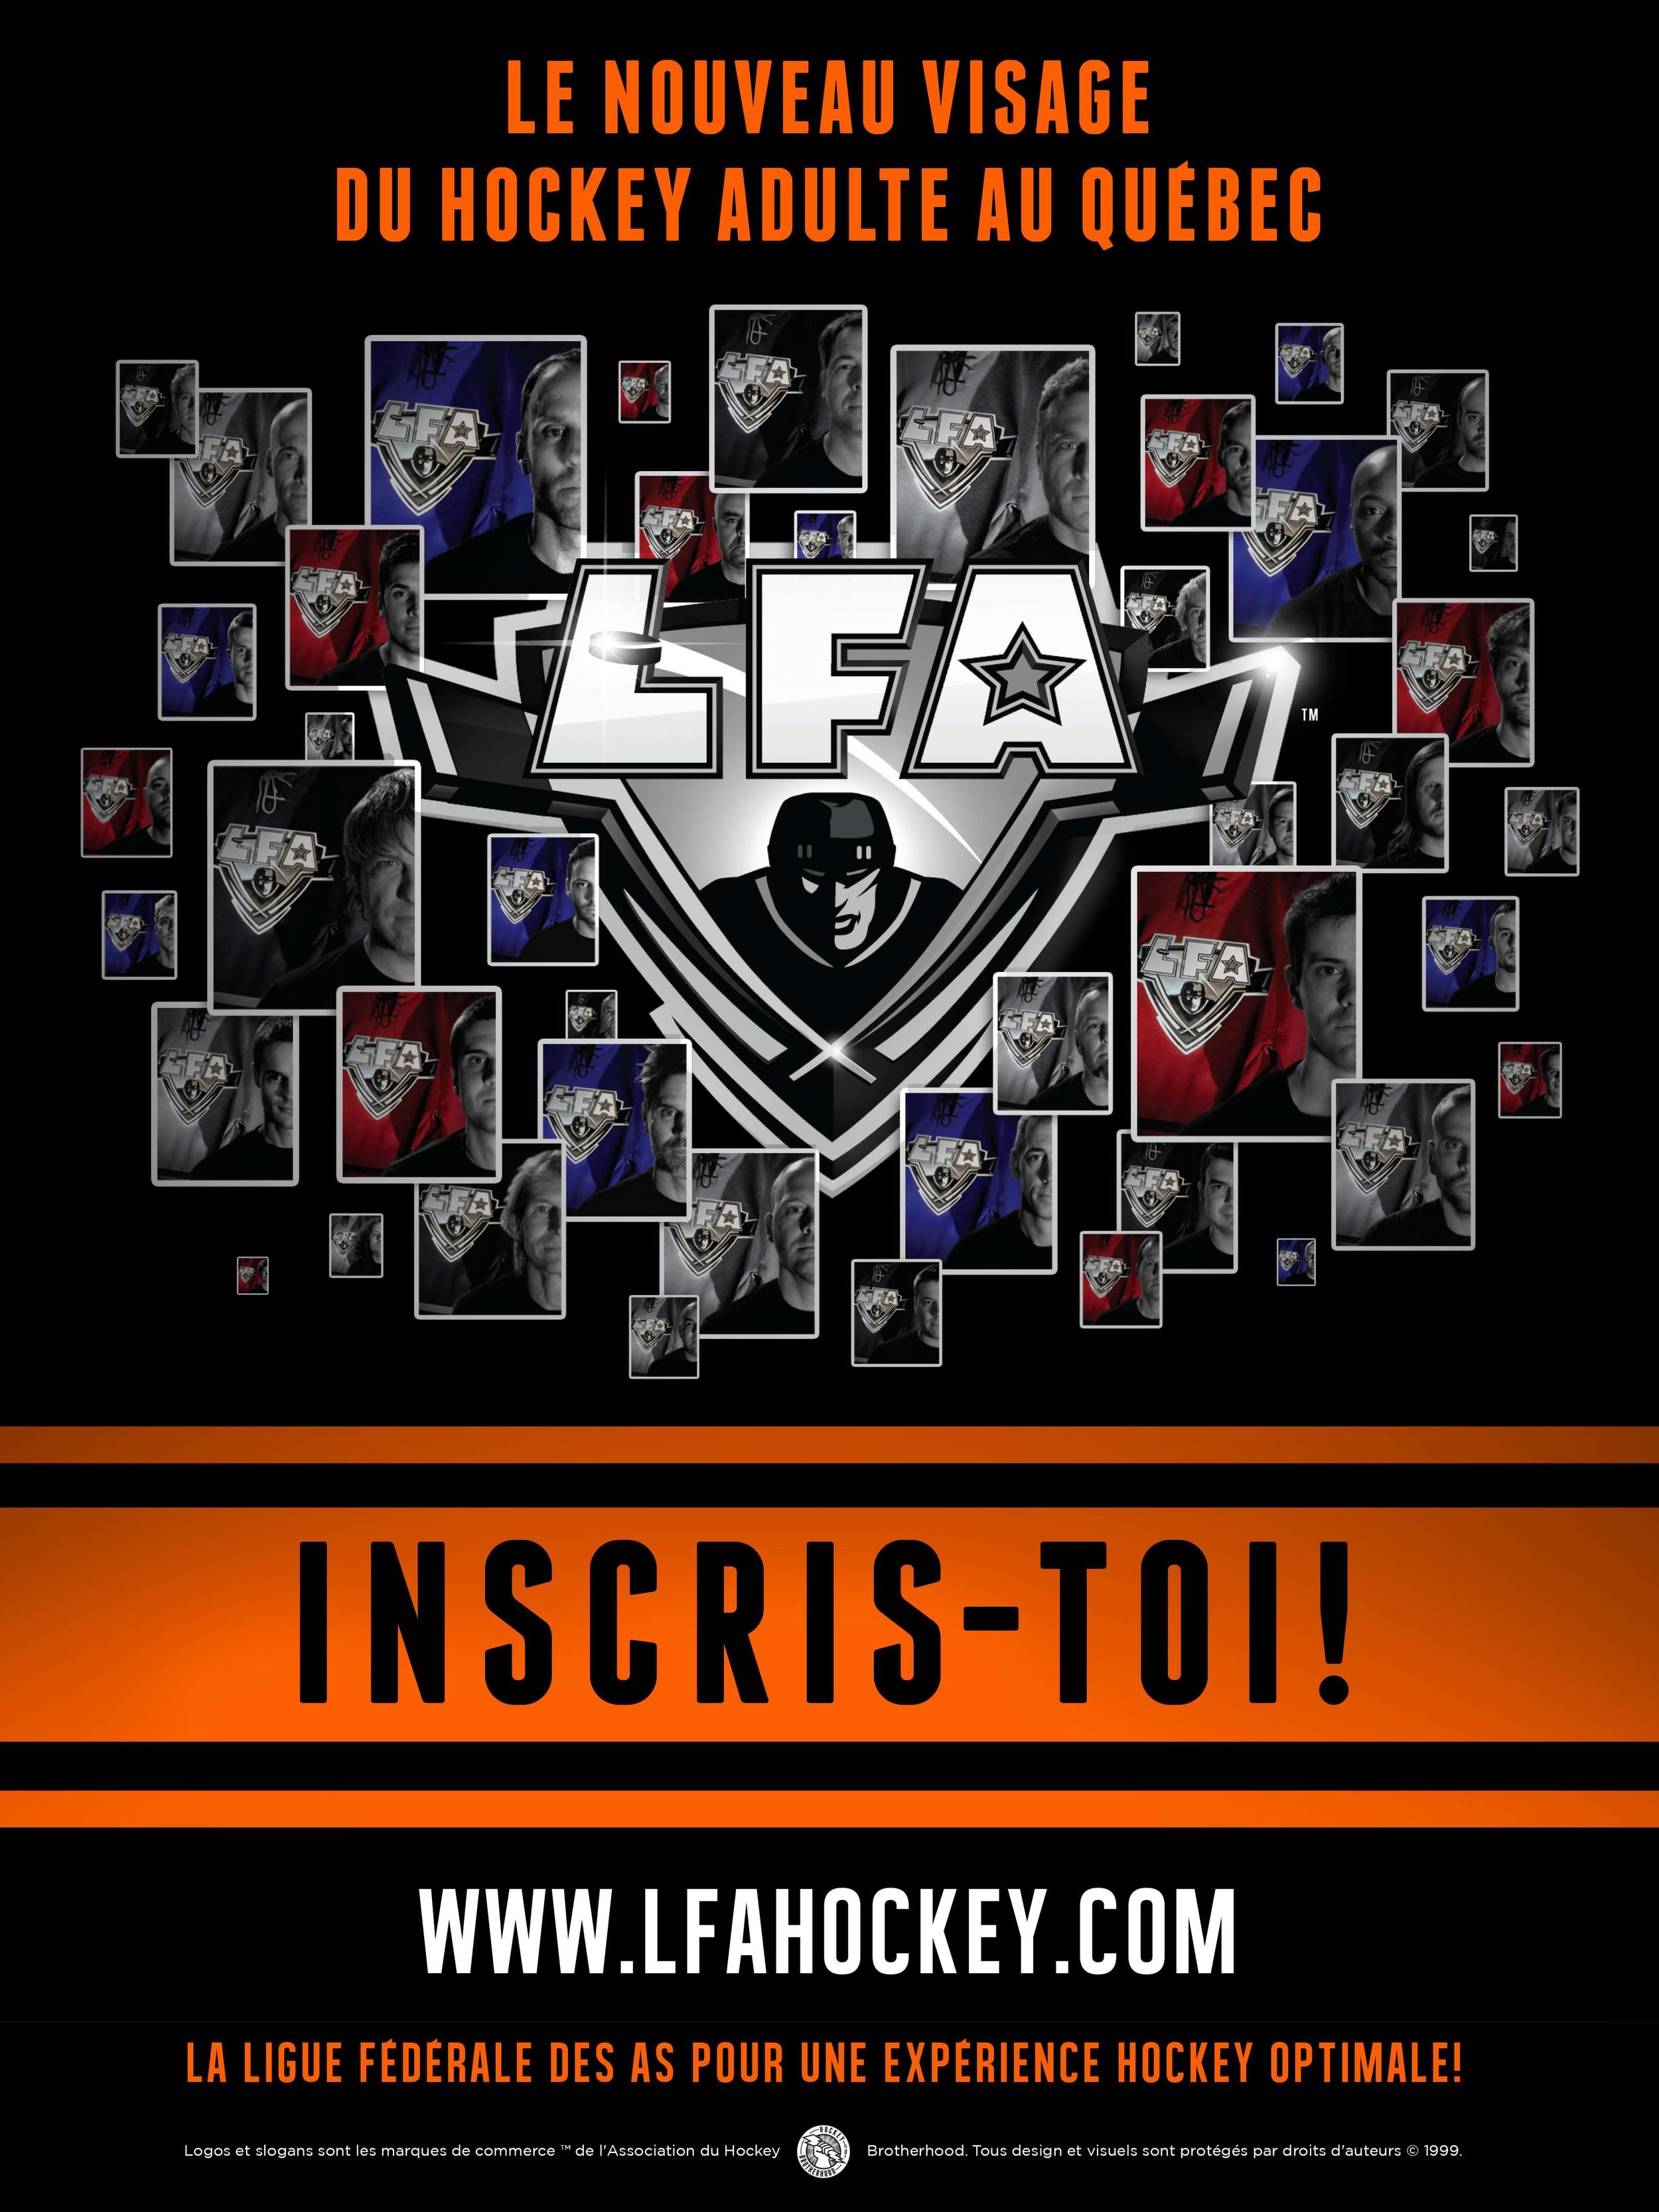 Affiche promotionnelle de la LFA